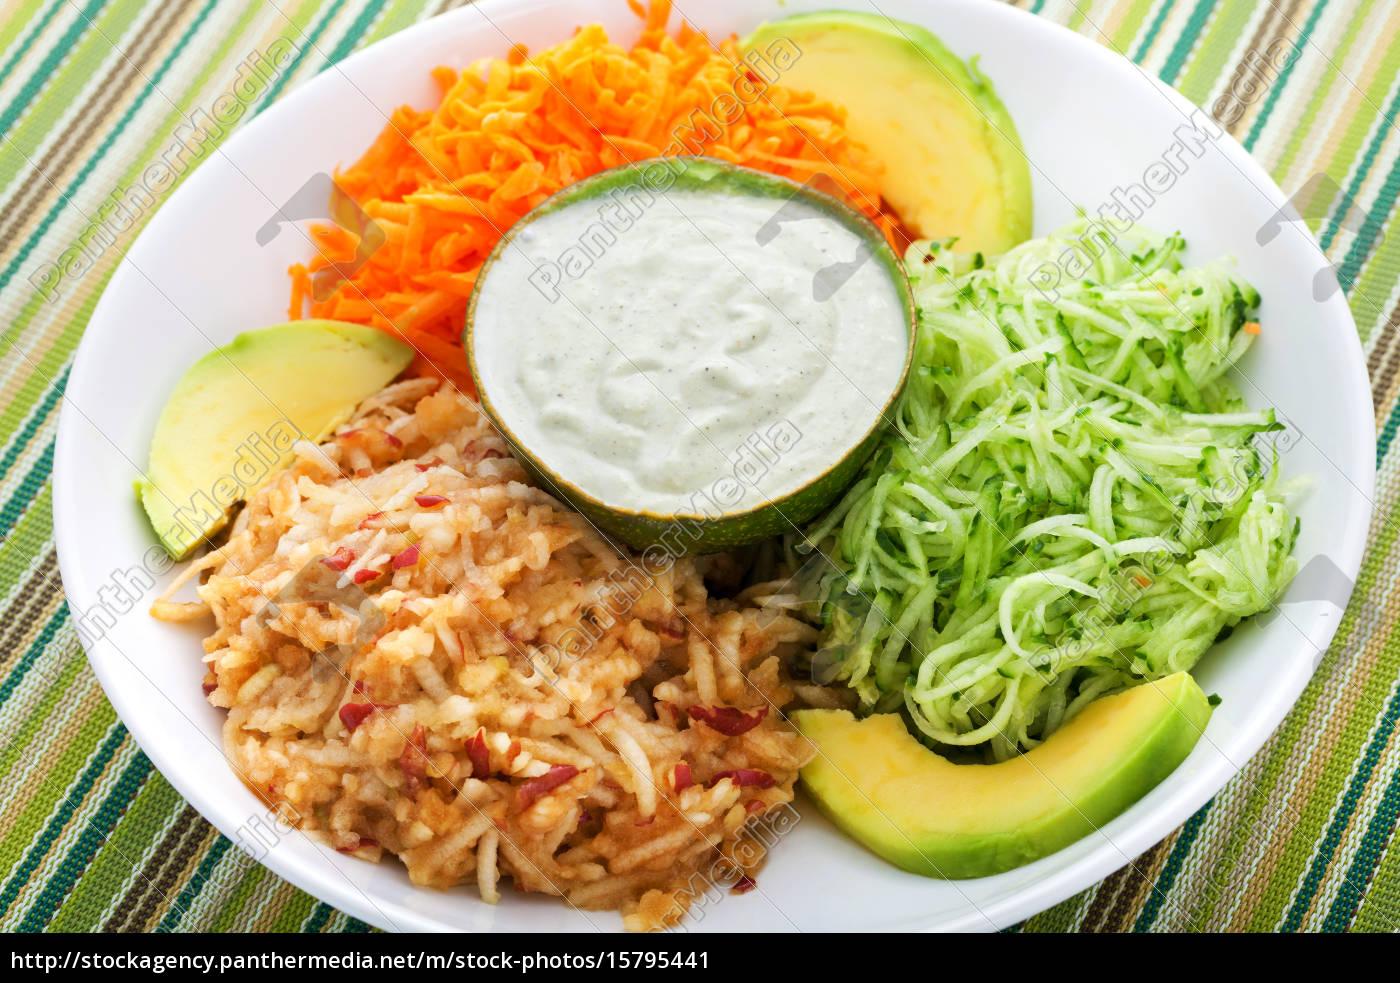 vegetable, salad, vegetable, salad, vegetable, salad, vegetable, salad - 15795441